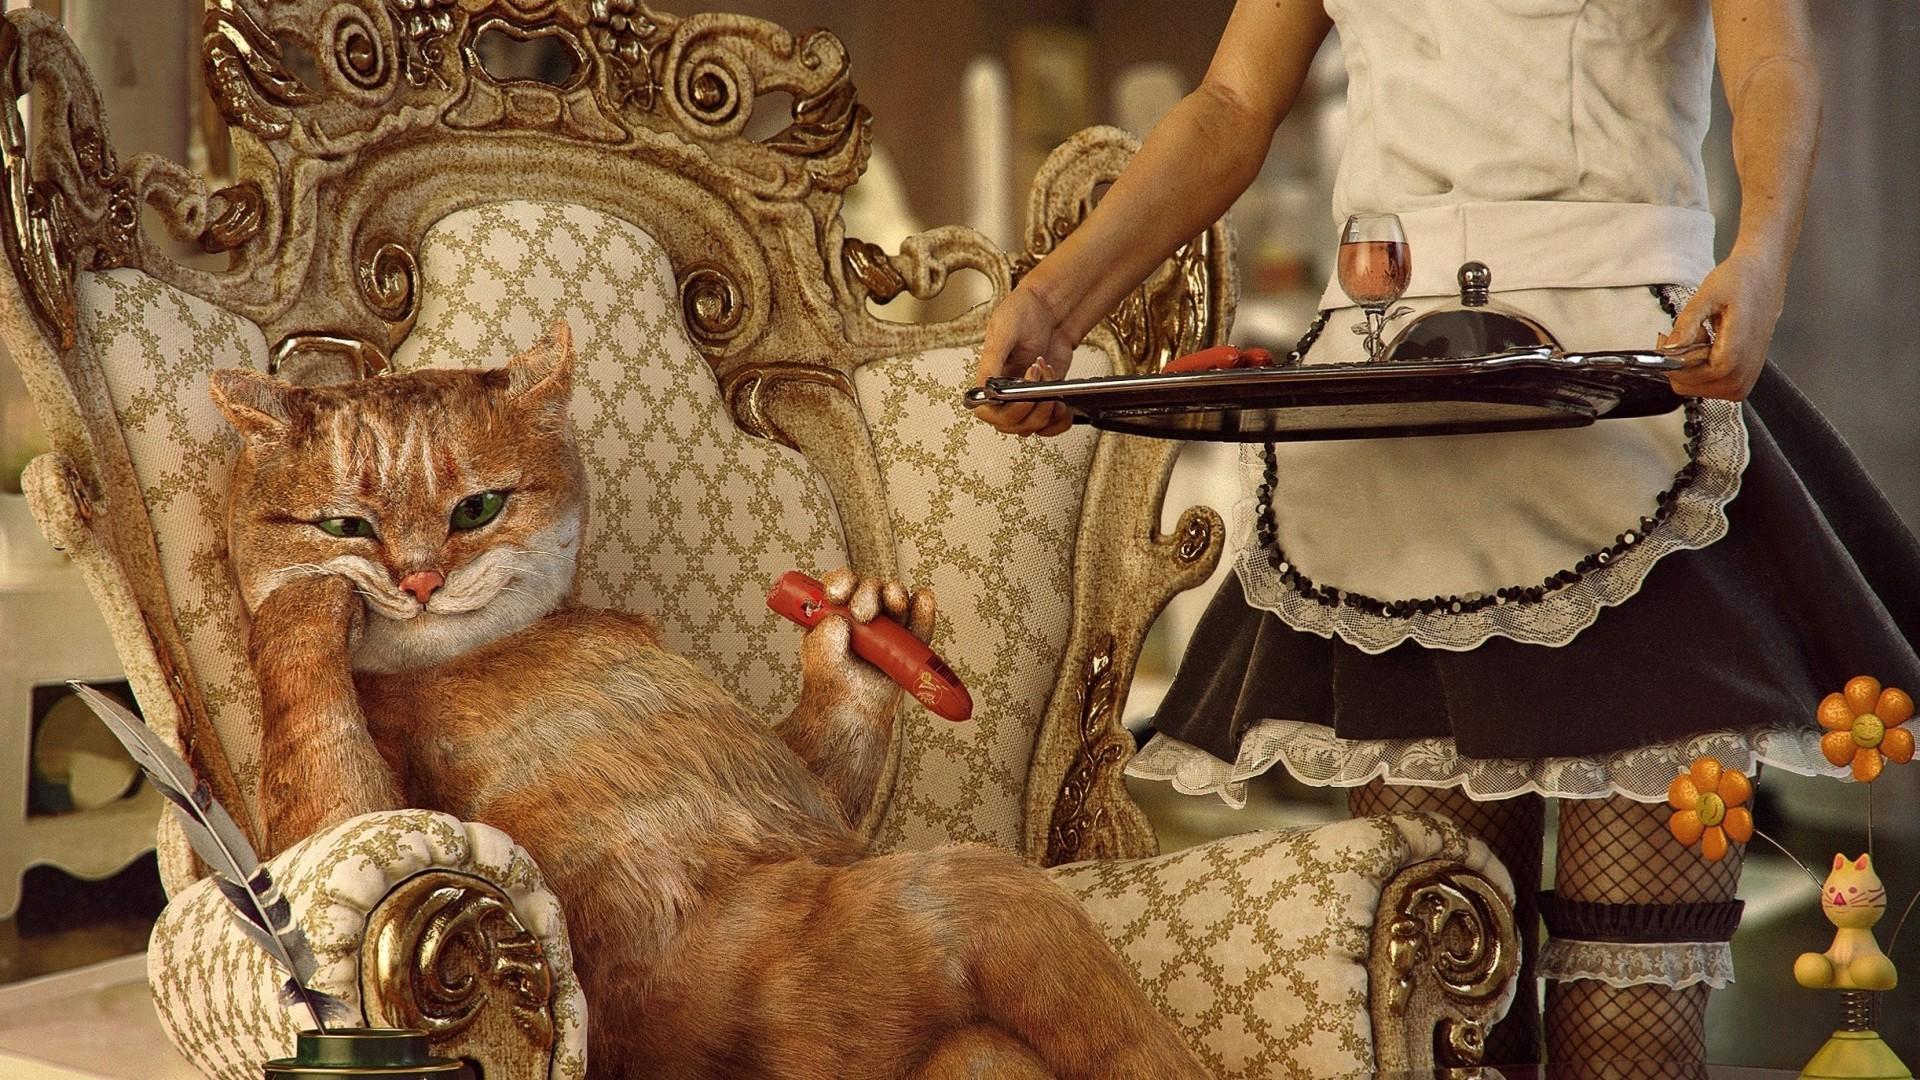 3d Tiger Wallpapers For Desktop Women Animals Digital Art Cat Wealth Maid Skirt